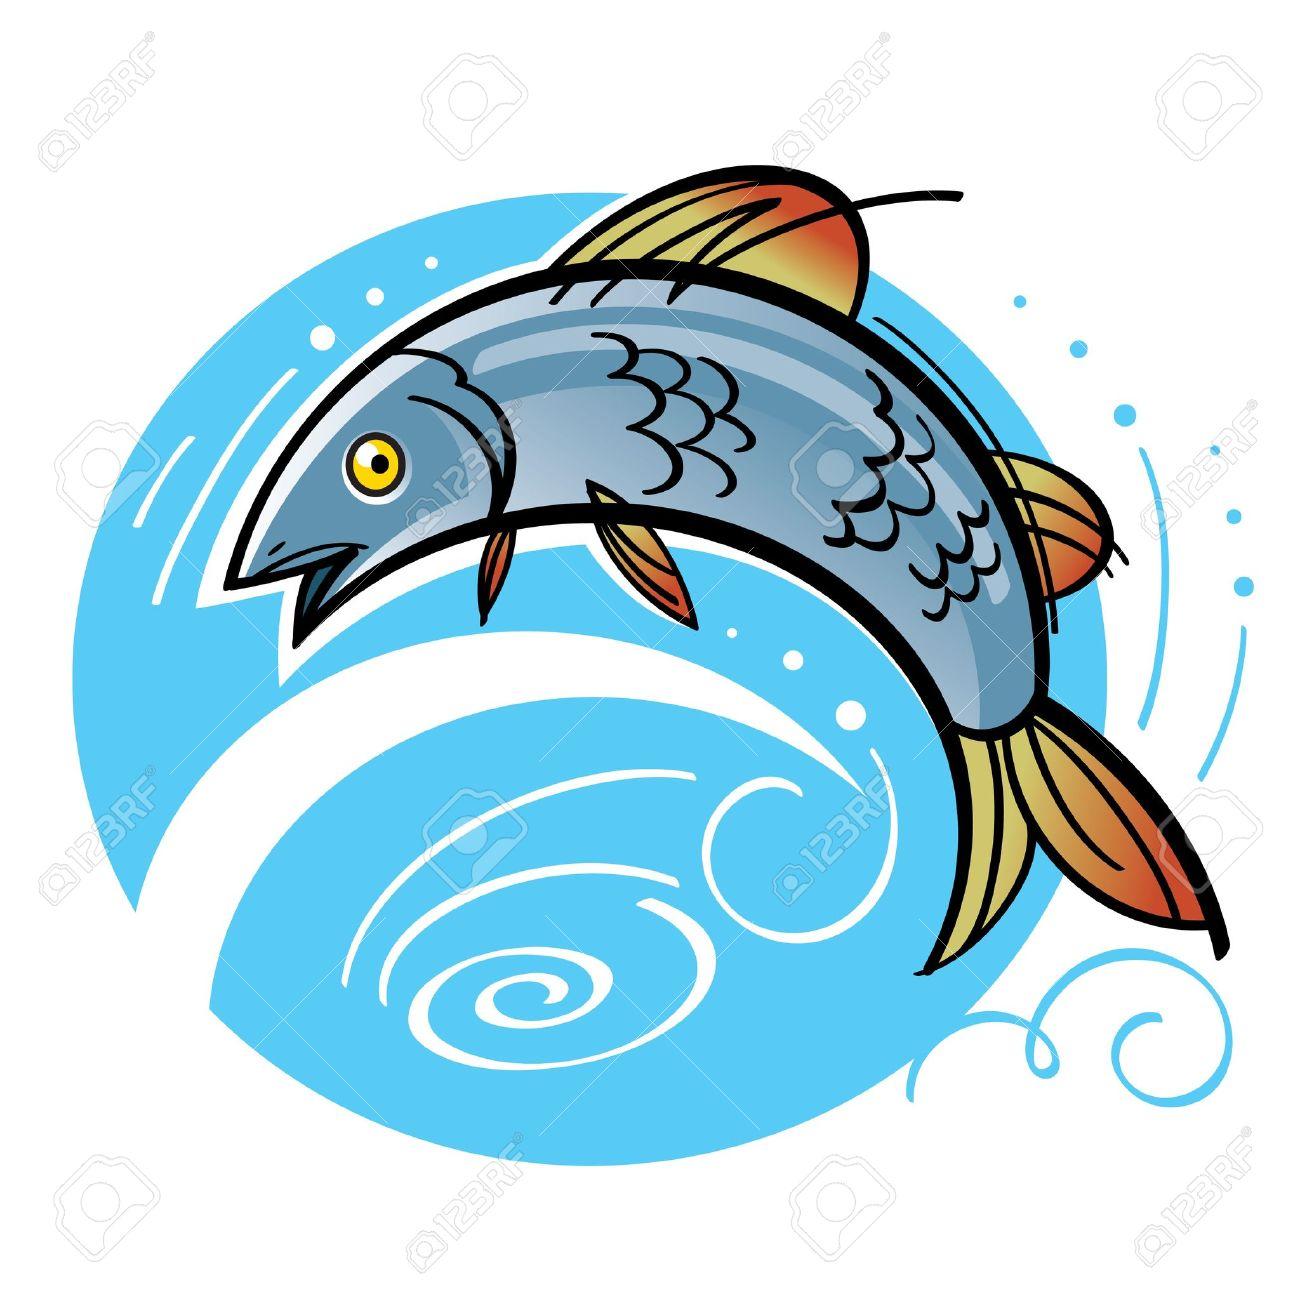 Fish salmon fishing jumping water river lake nature Stock Vector - 13819772